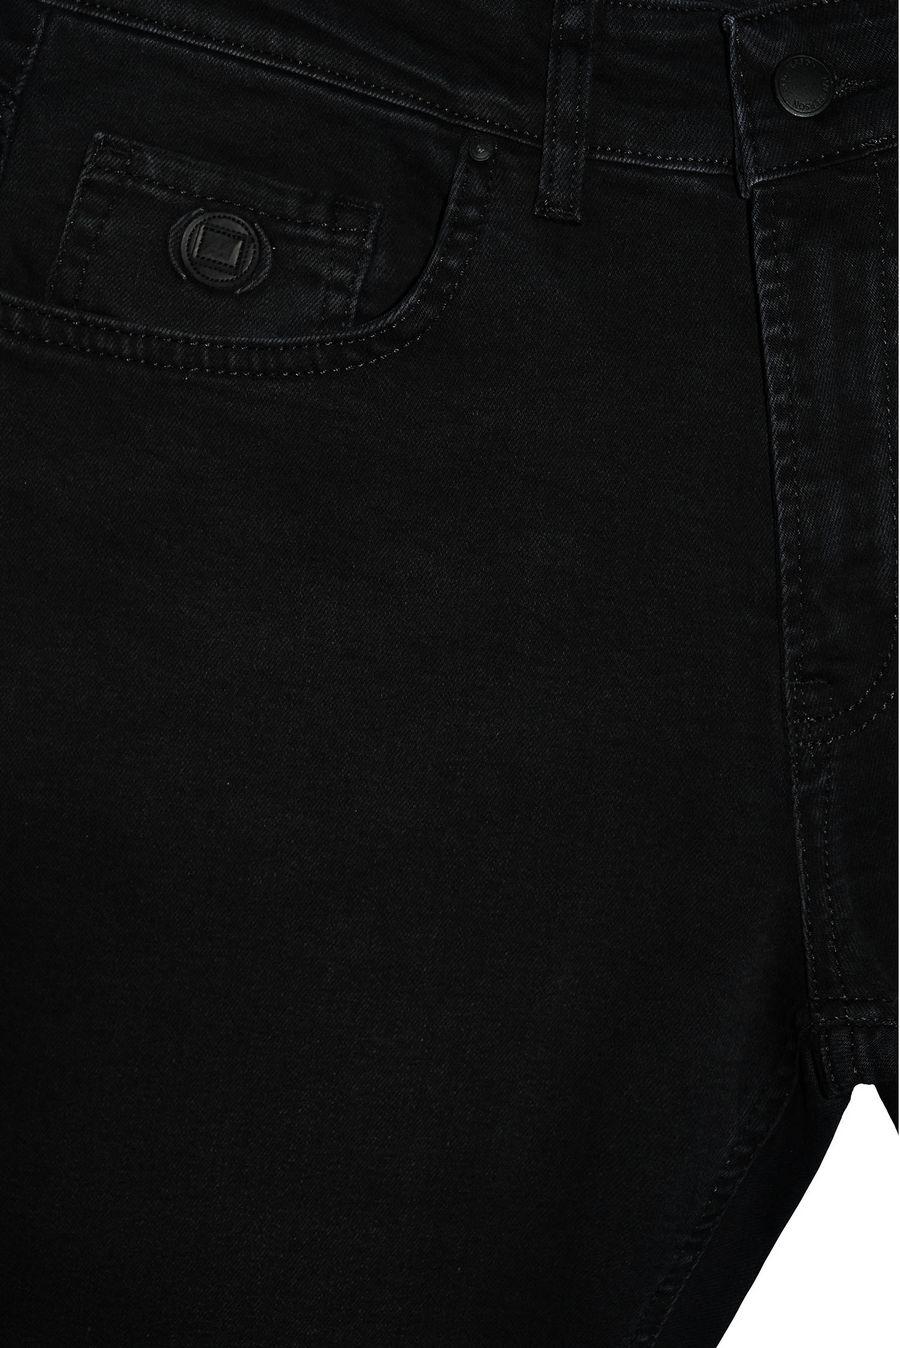 Джинсы мужские MAC Person DP2873-12201 Black - фото 3